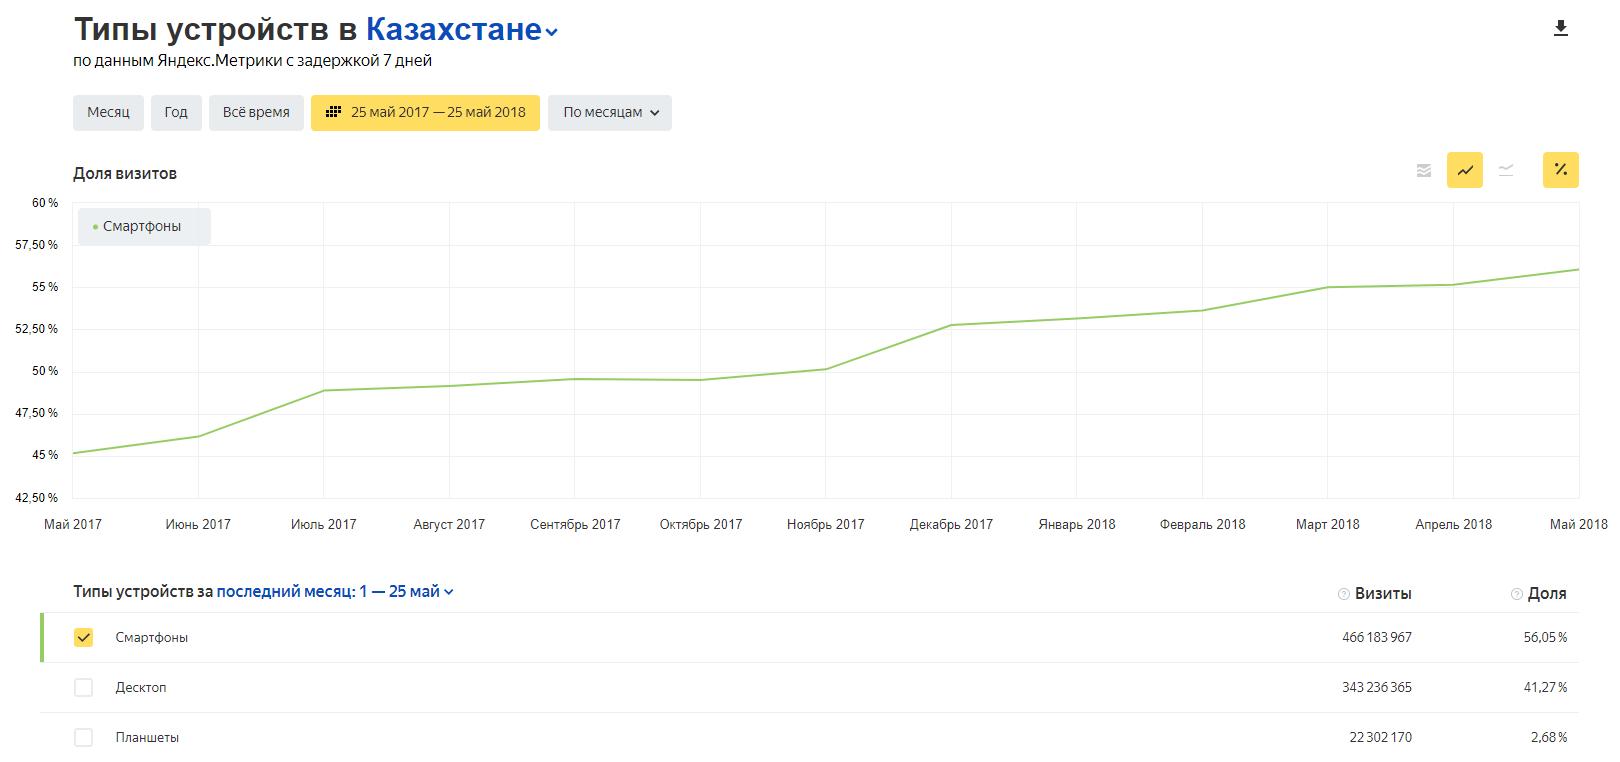 по данным сервиса Яндекс.Радар, доля мобильного трафика в Казнете уже больше десктопного